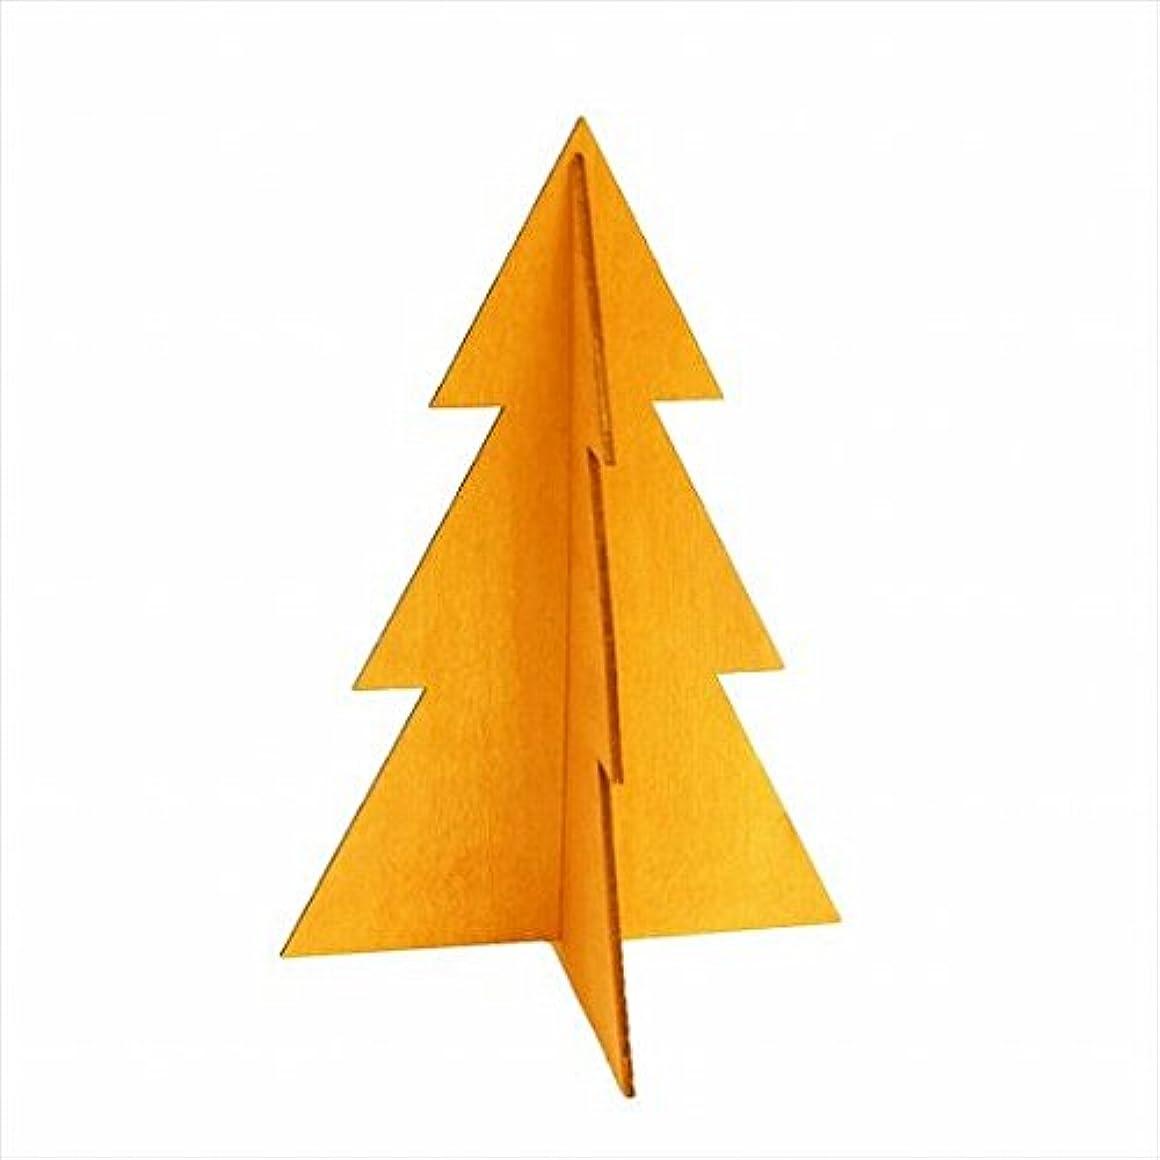 エレメンタル勇気のあるスノーケルカメヤマキャンドル(kameyama candle) フェスティブツリーM 「 オレンジ 」